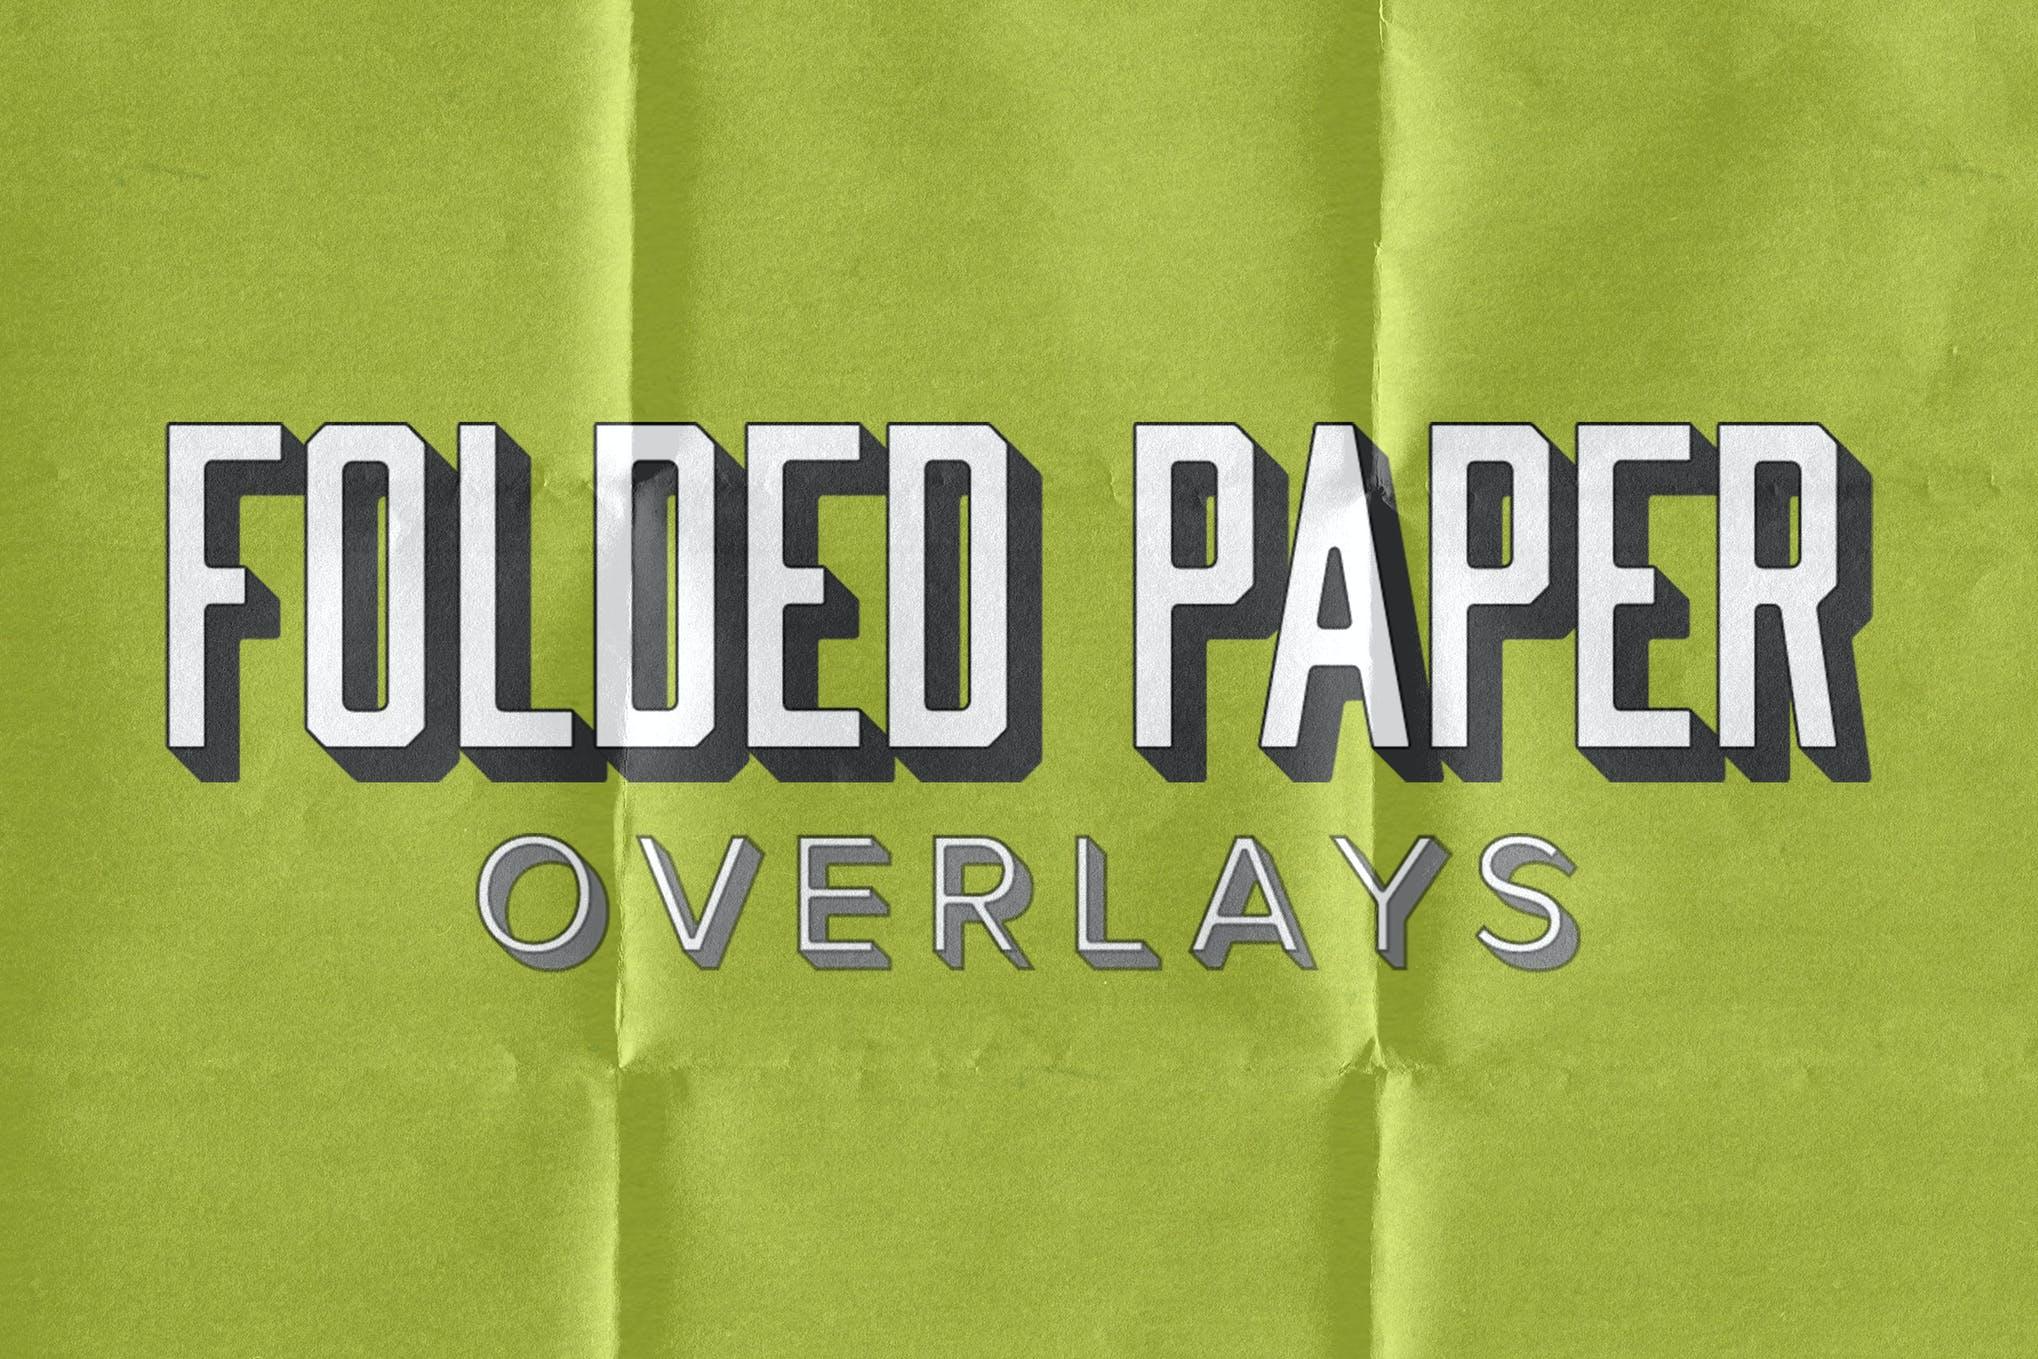 24张折痕效果海报传单设计展示PS叠加层图片素材 24 Folded Paper Overlays插图